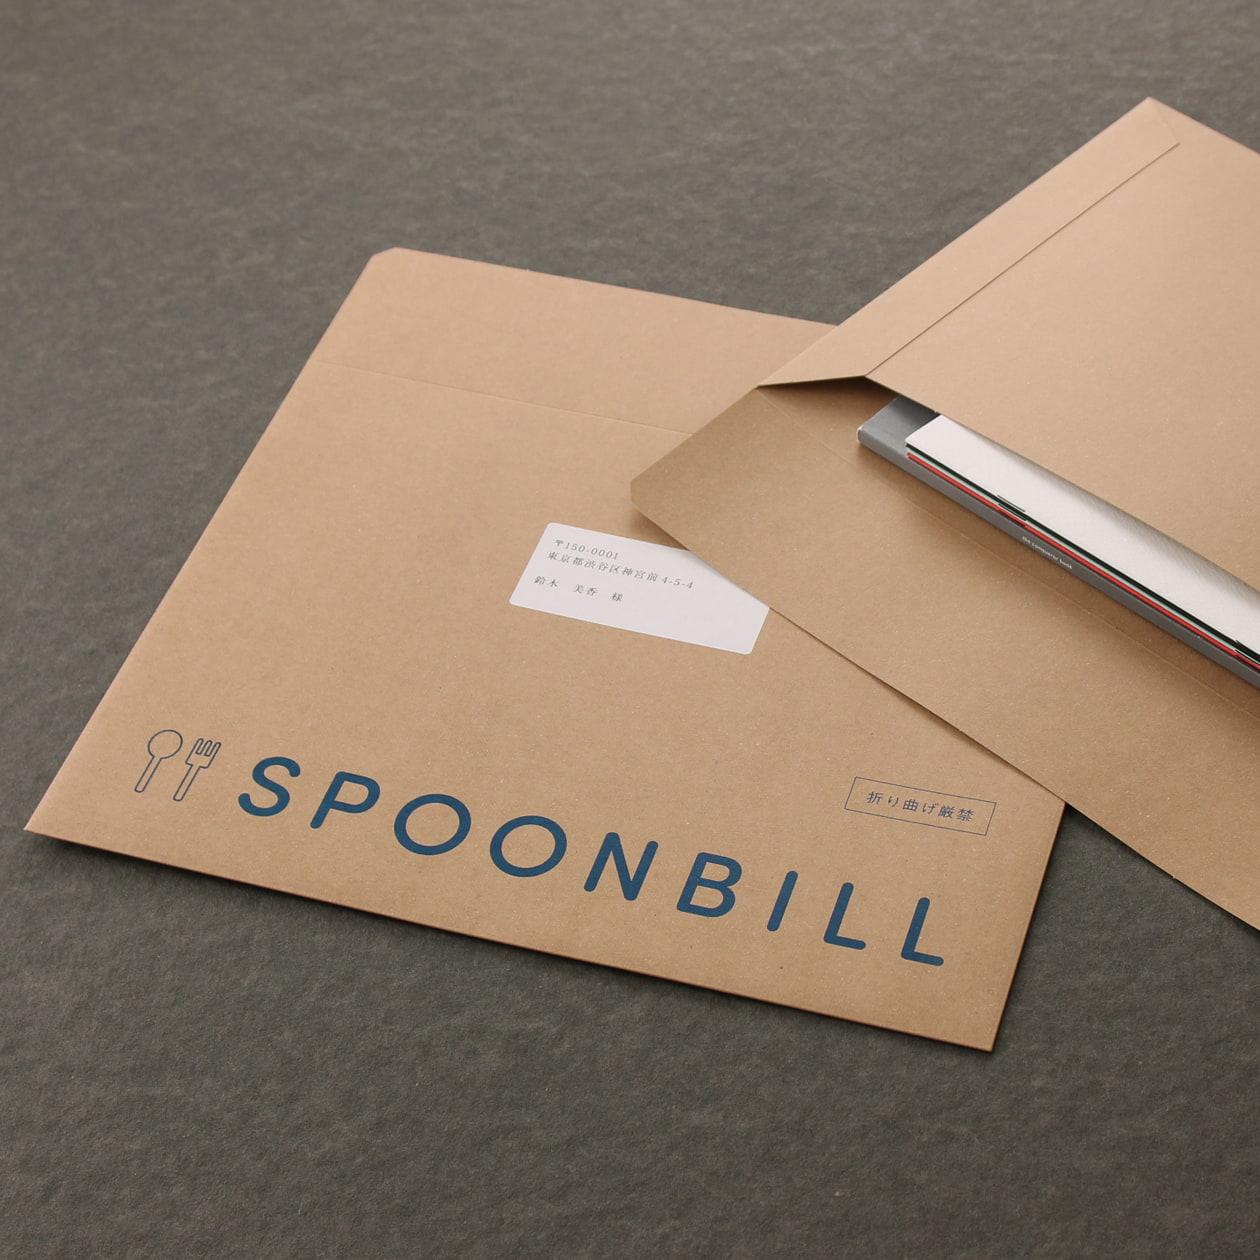 中身が折れない厚紙の封筒